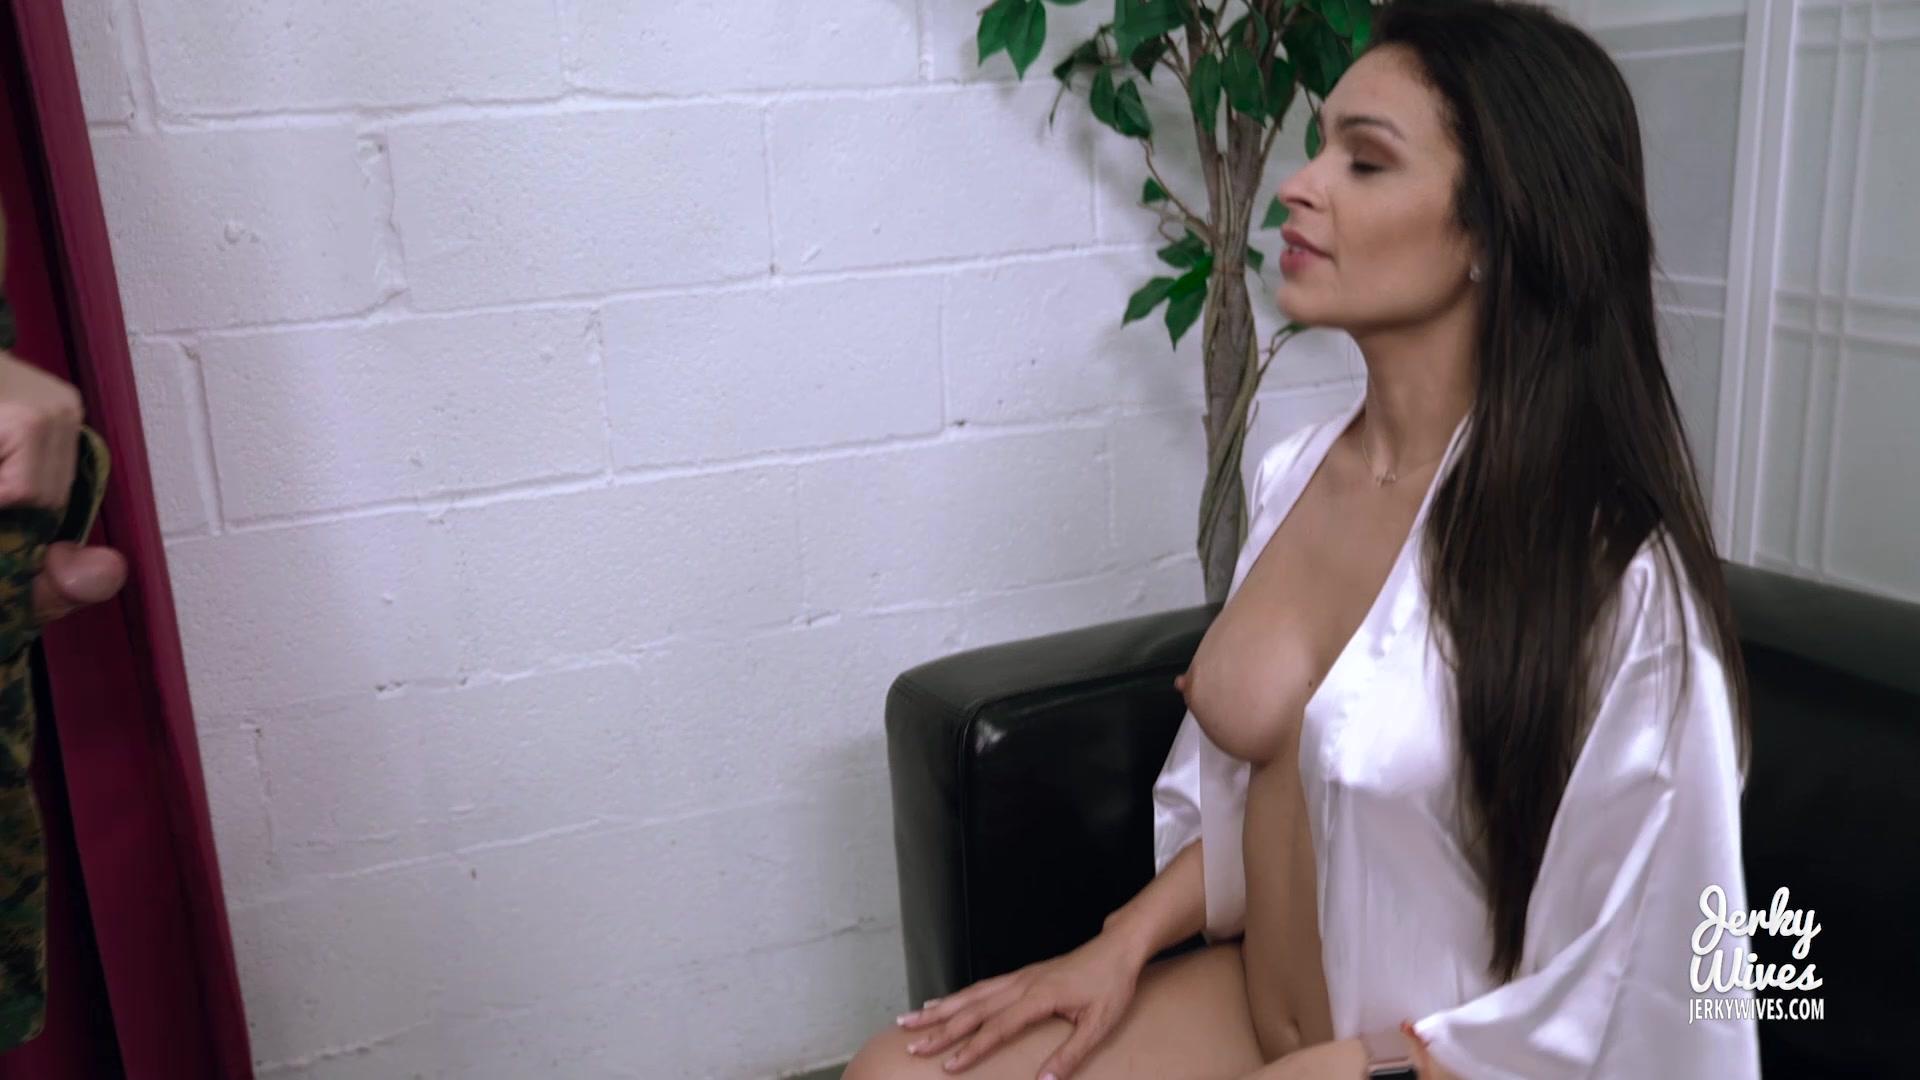 girls bigg ass